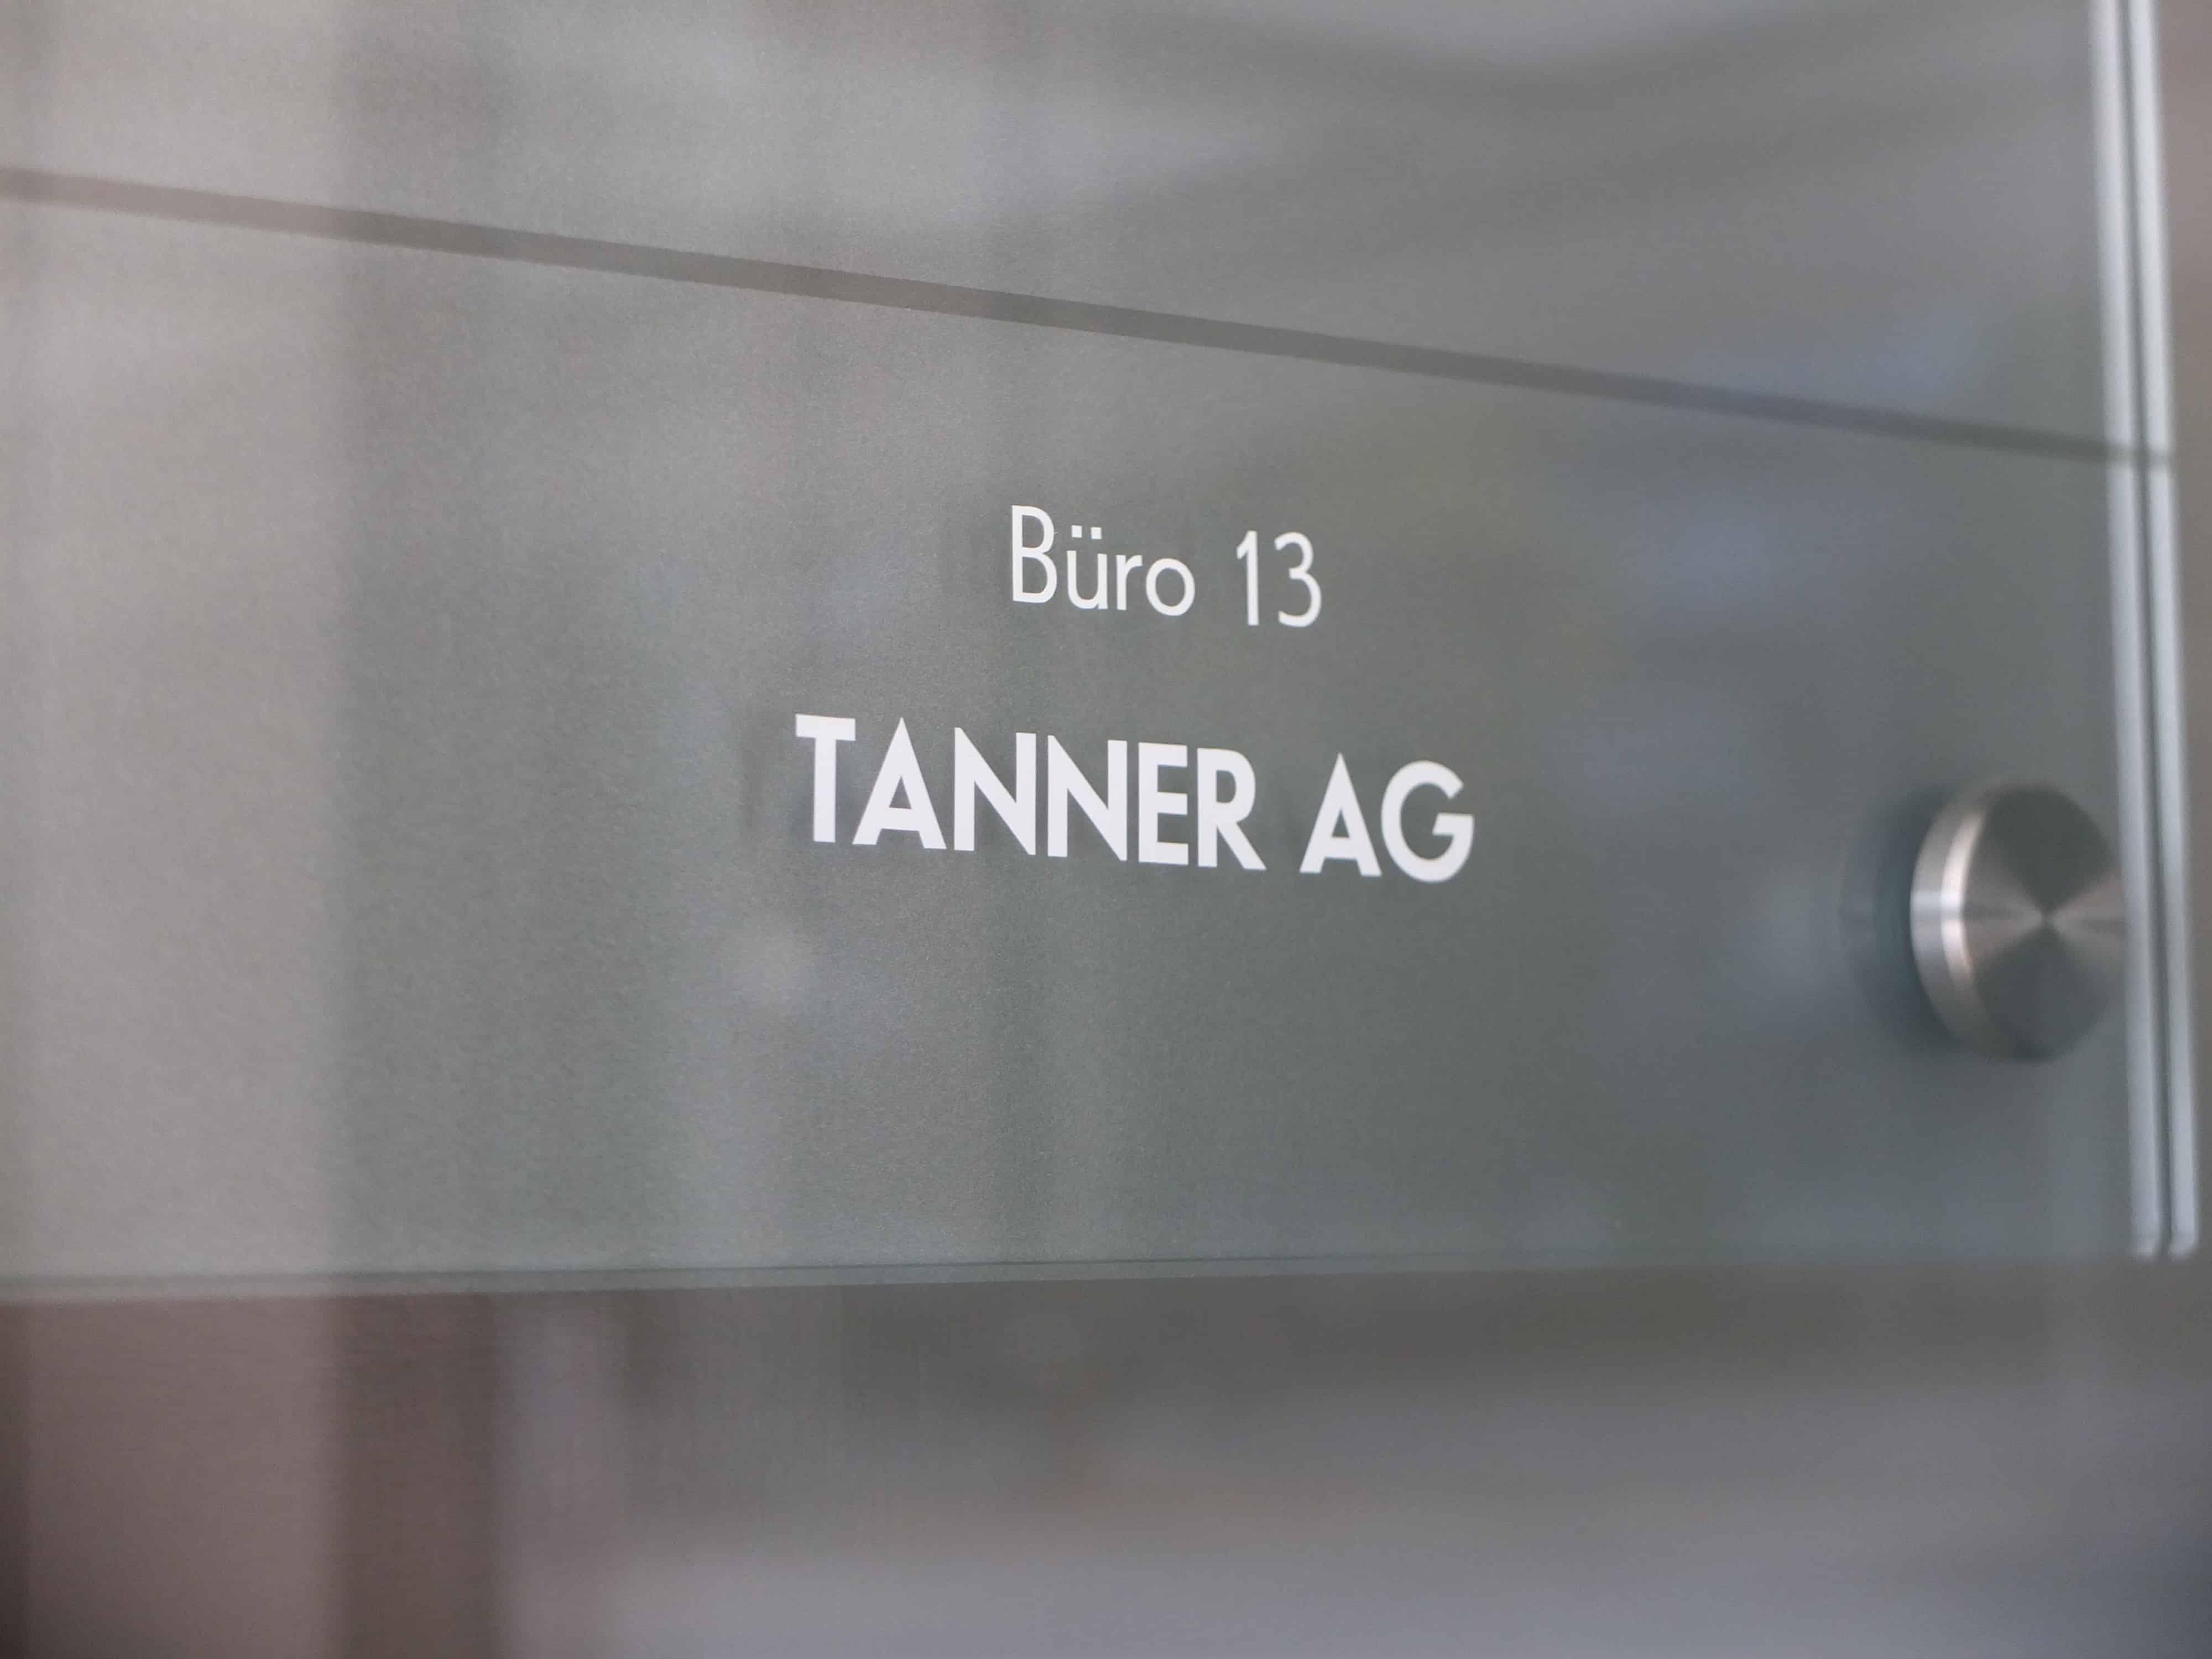 Detailfoto TANNER Büro Chemnitz